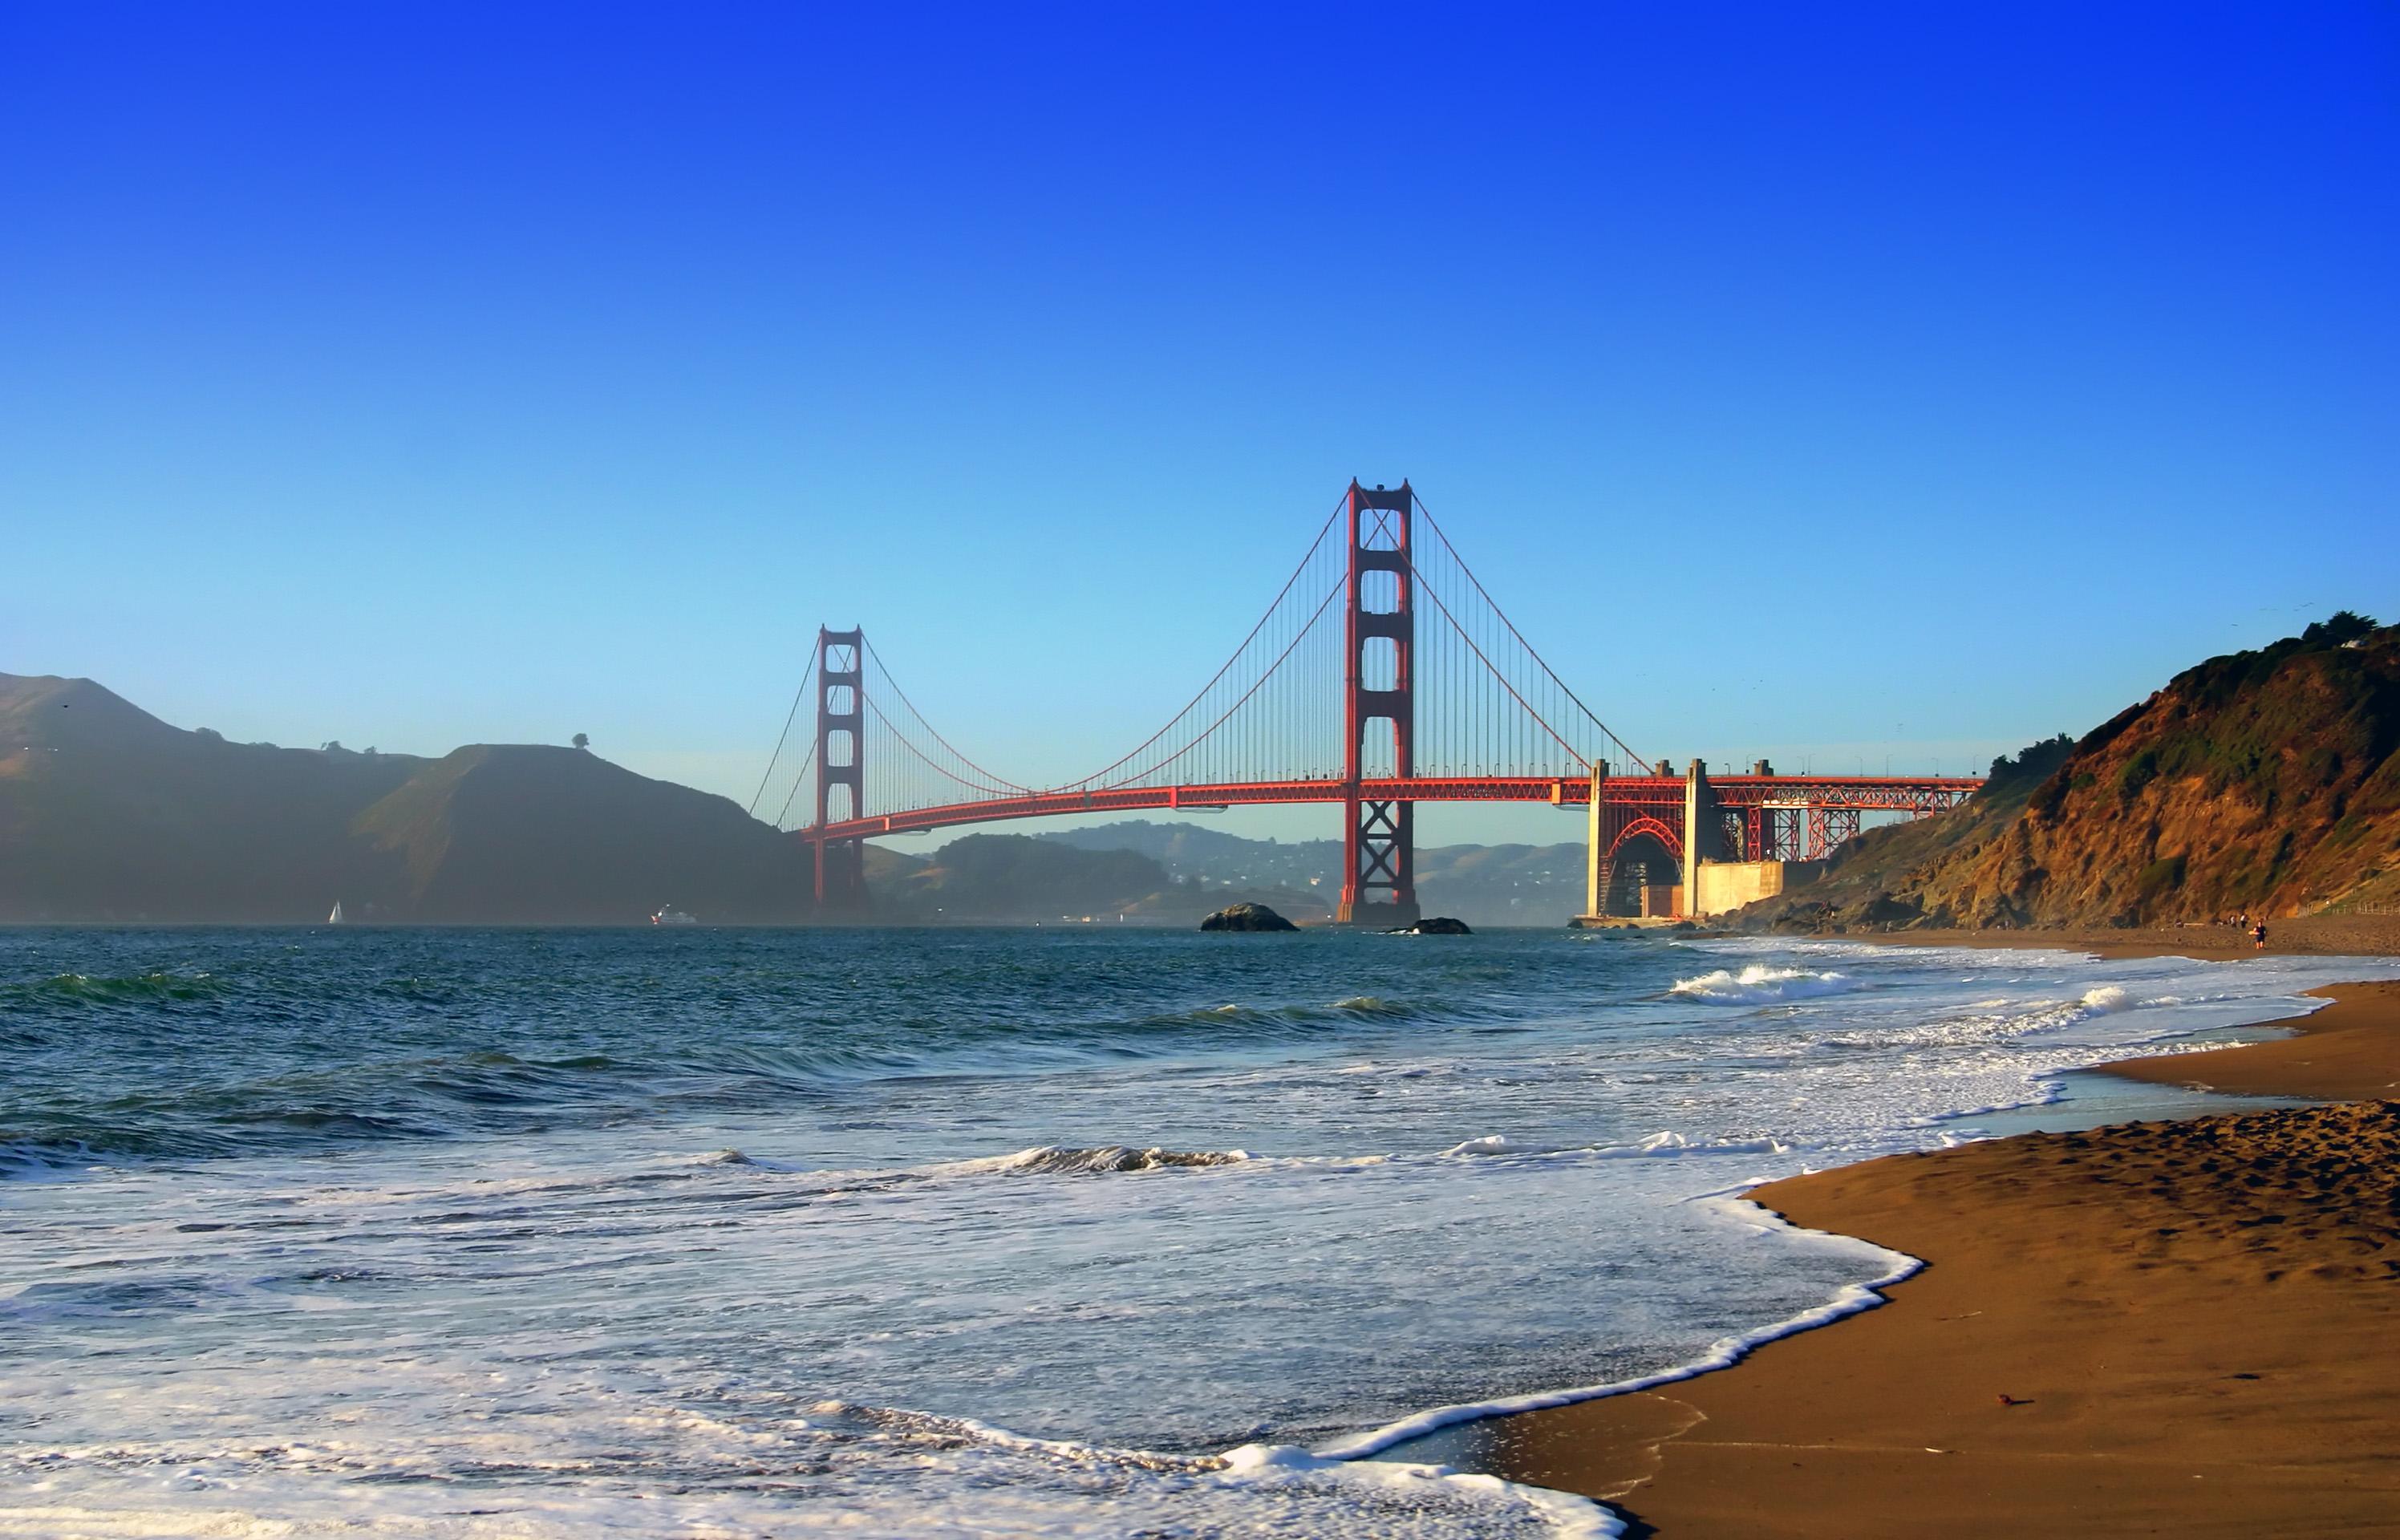 2018.04: Baker Beach, San Francisco, California, USA